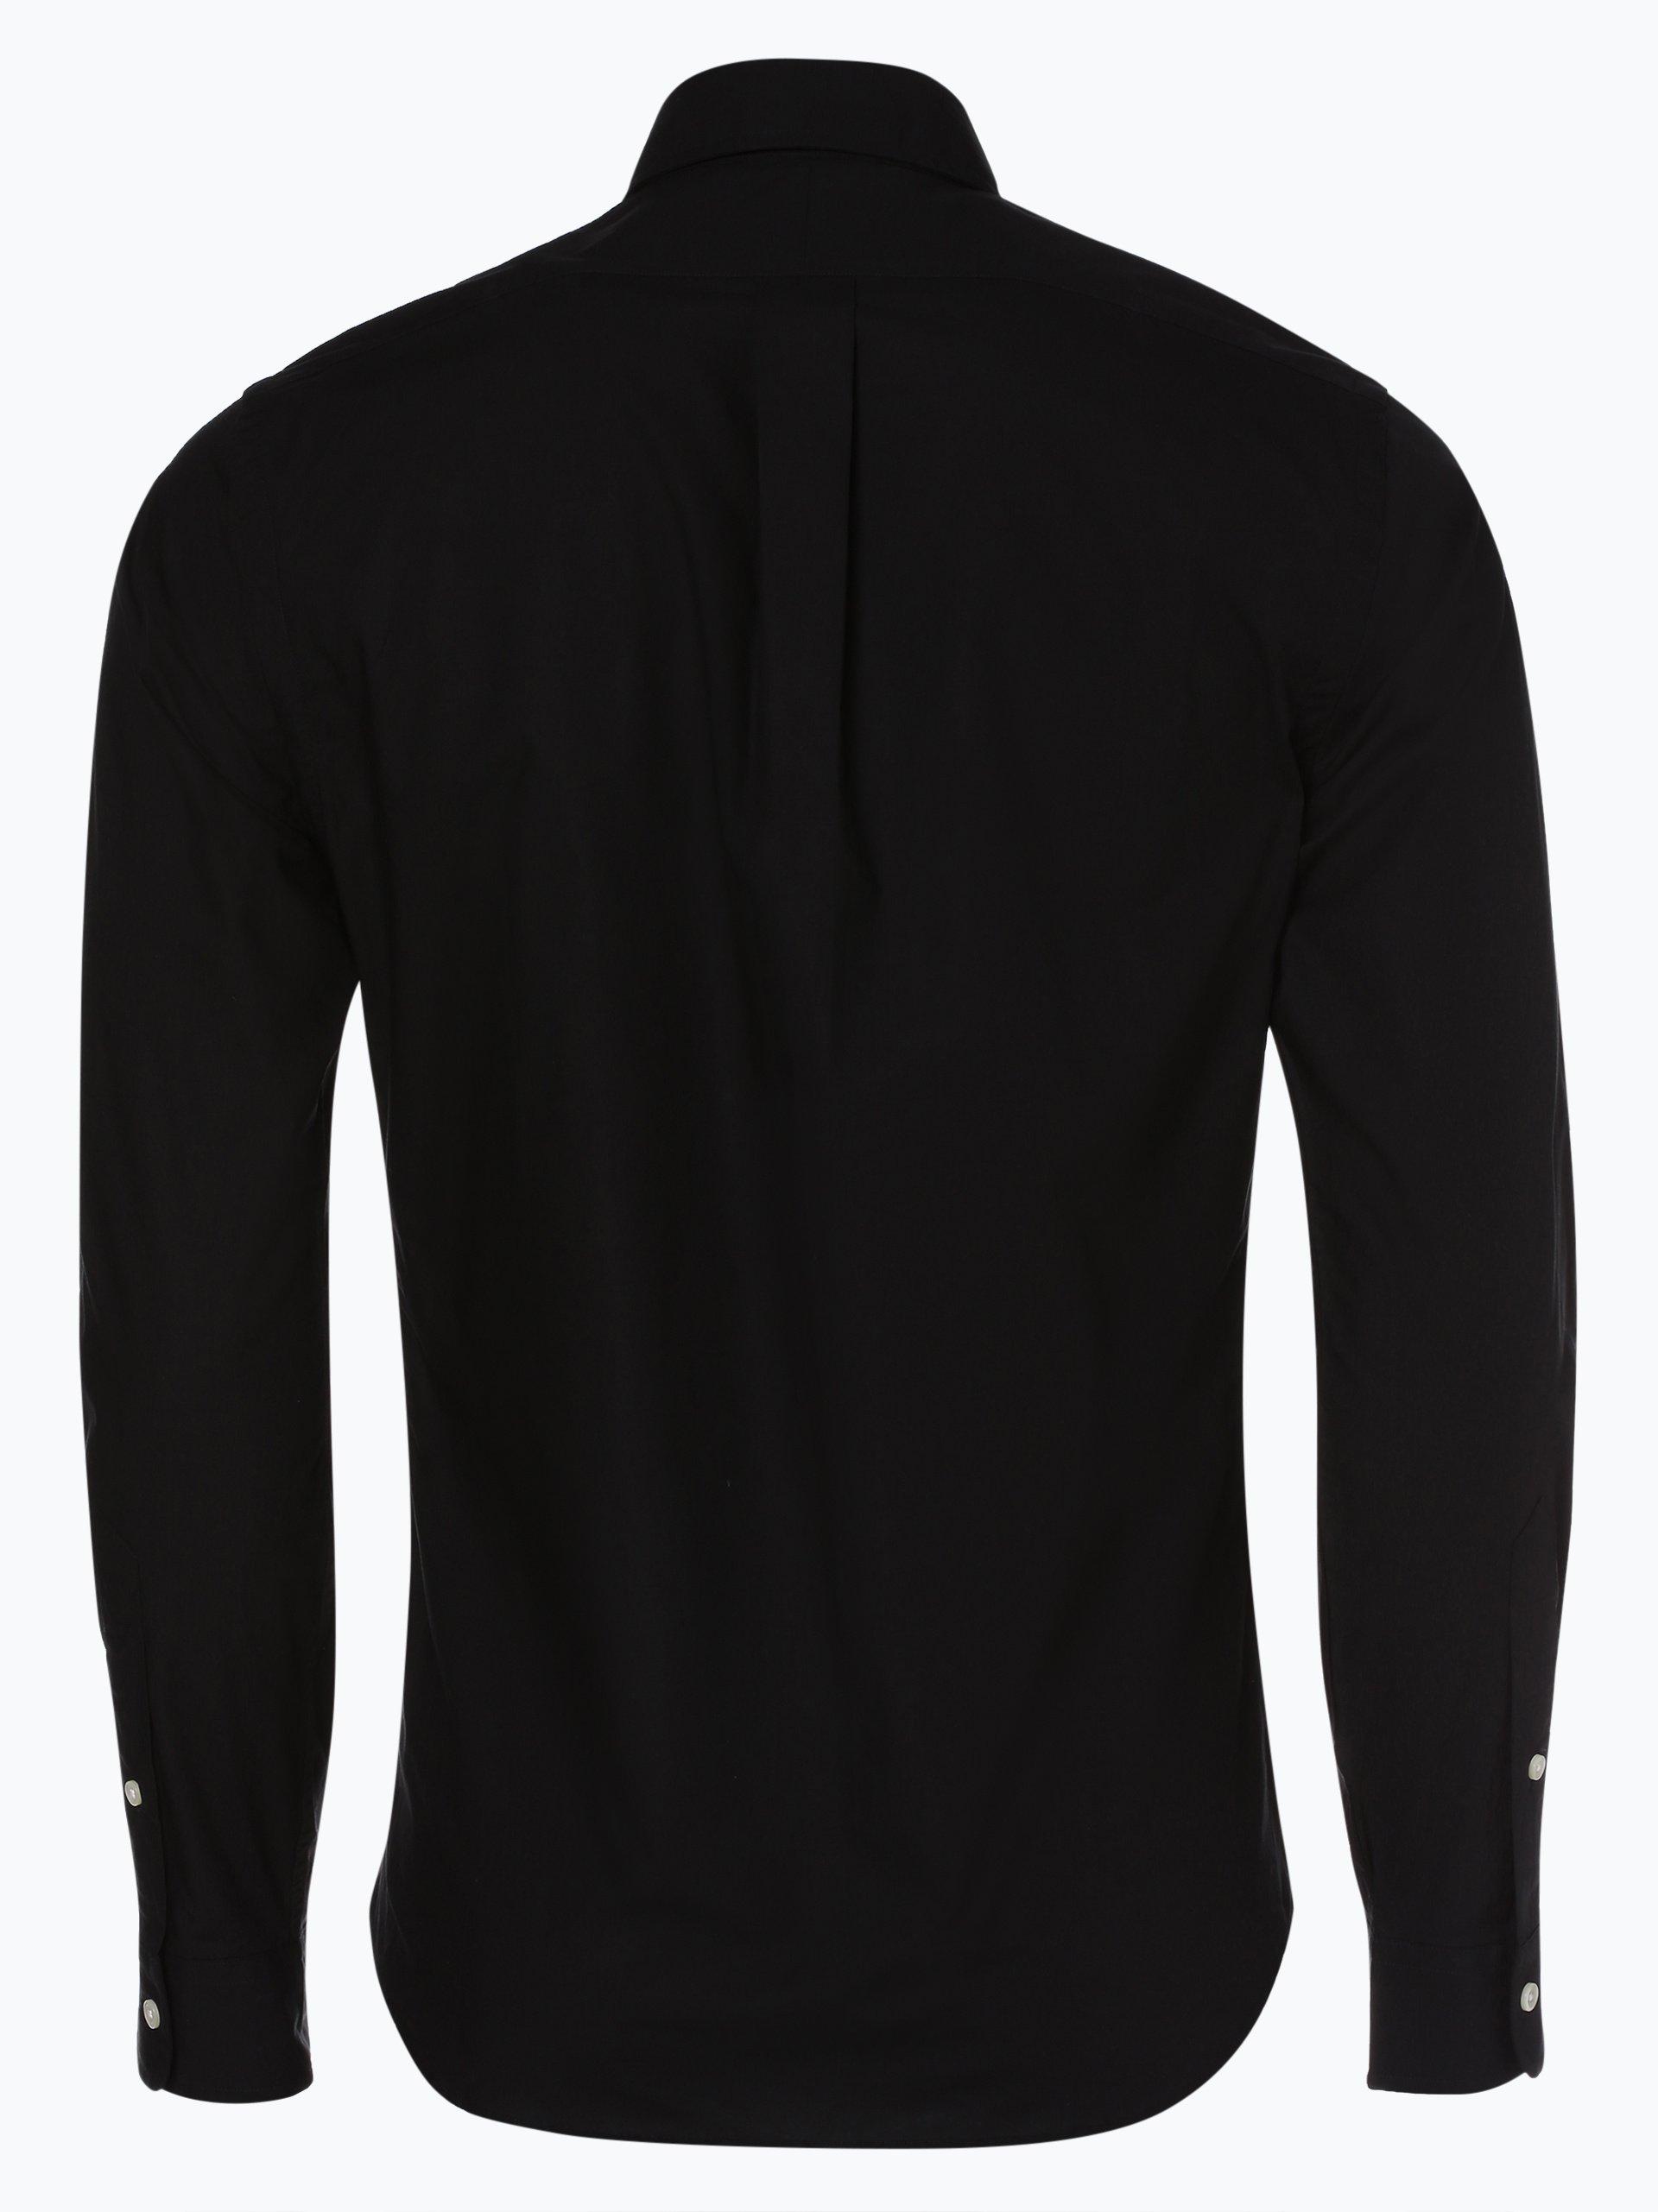 polo ralph lauren herren hemd slim fit schwarz uni online kaufen vangraaf com. Black Bedroom Furniture Sets. Home Design Ideas